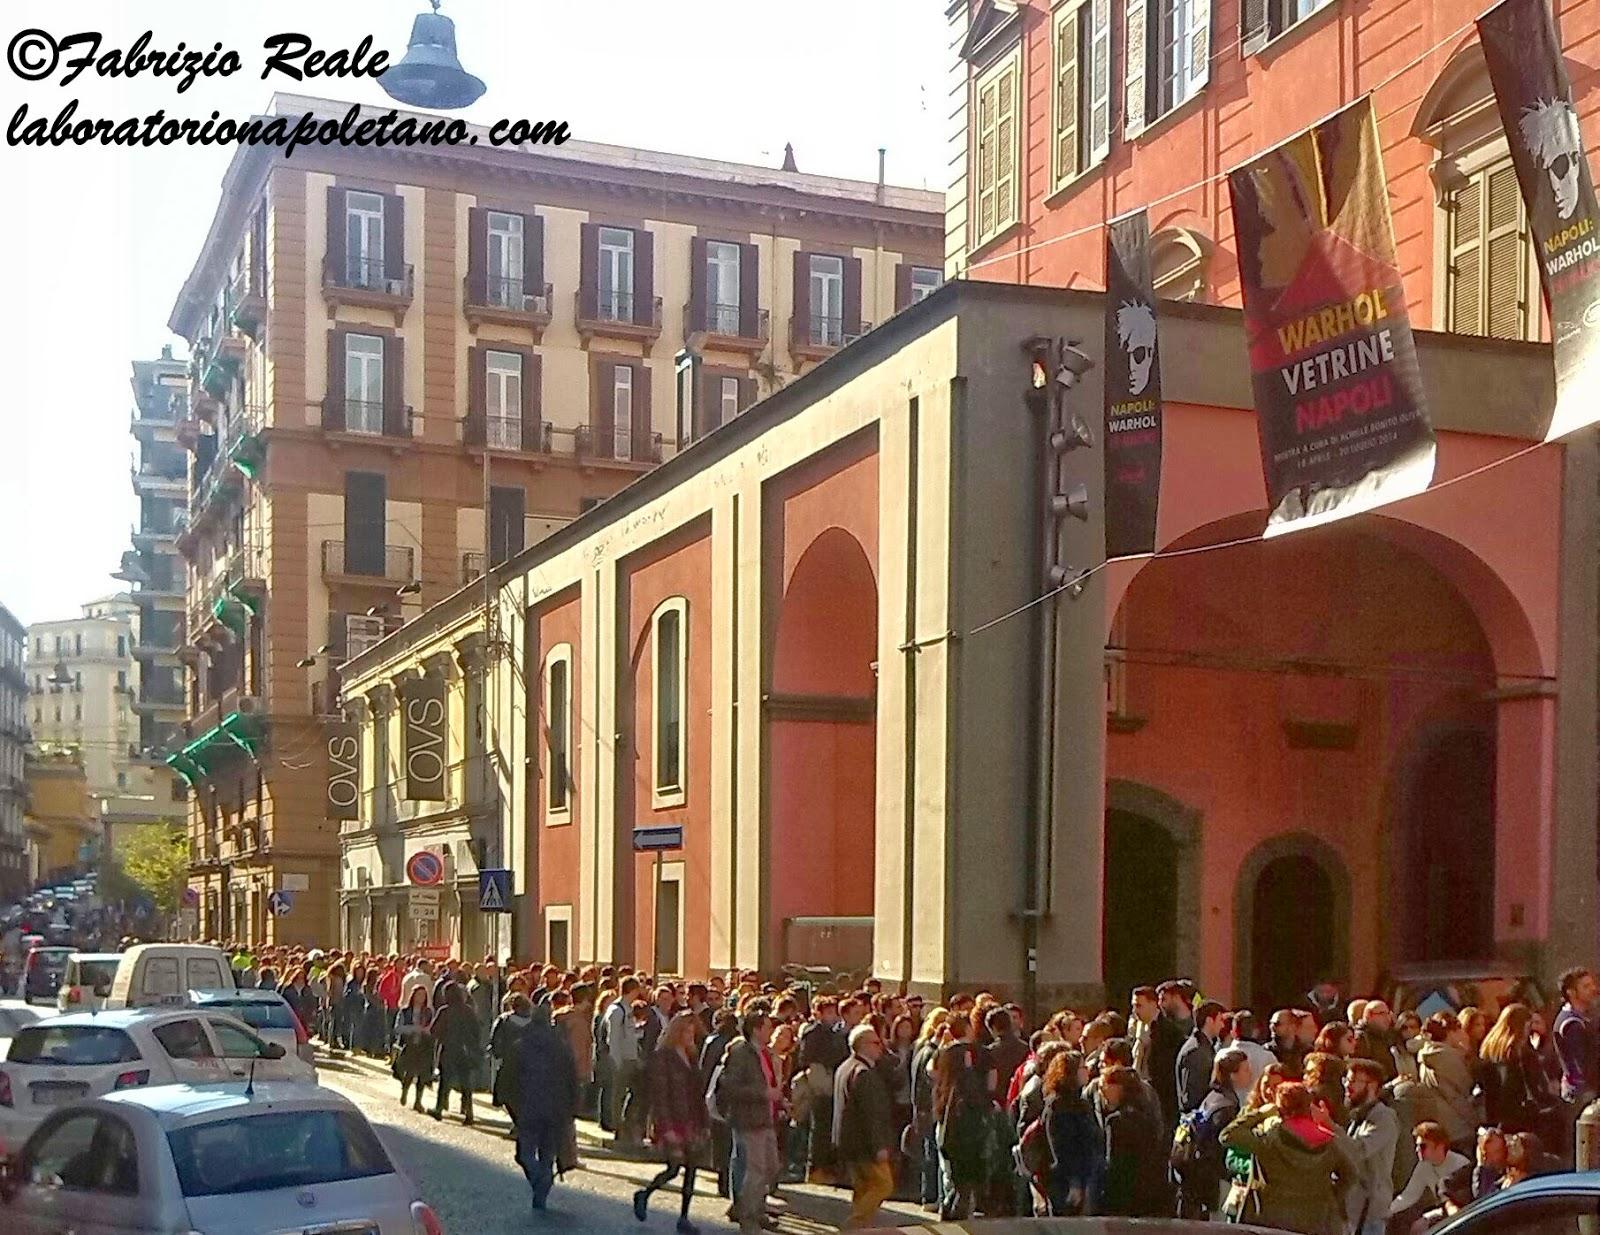 Enorme successo per l inaugurazione della mostra su Andy Warhol al Pan alle 17 di oggi una fila lunghissima di persone in attesa di entrare occupava un